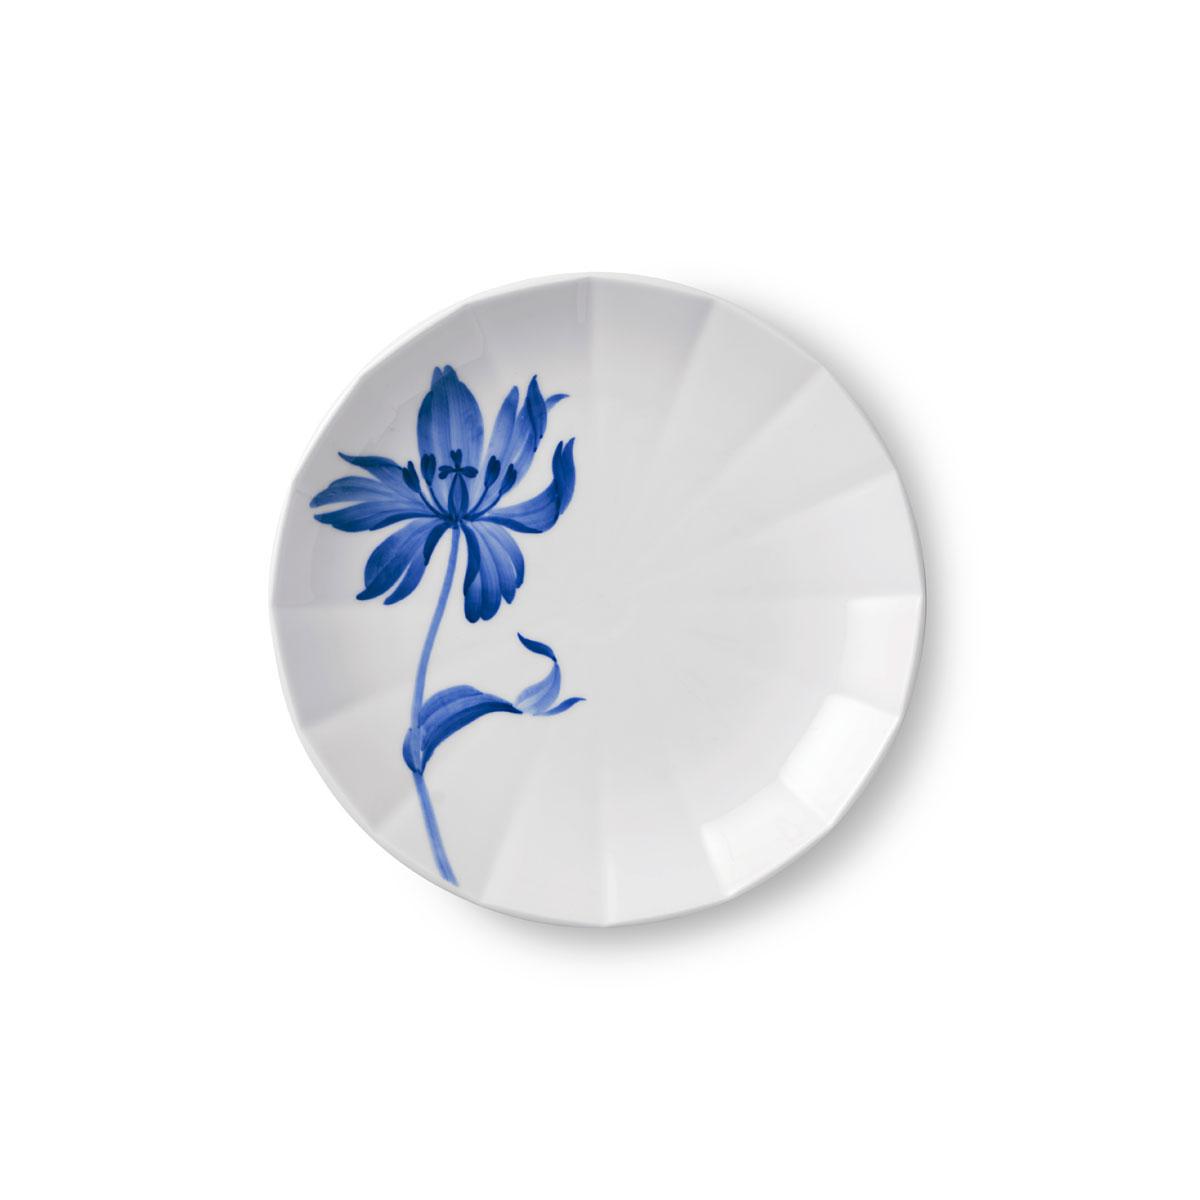 Royal Copenhagen Blomst Dessert Plate Tulip